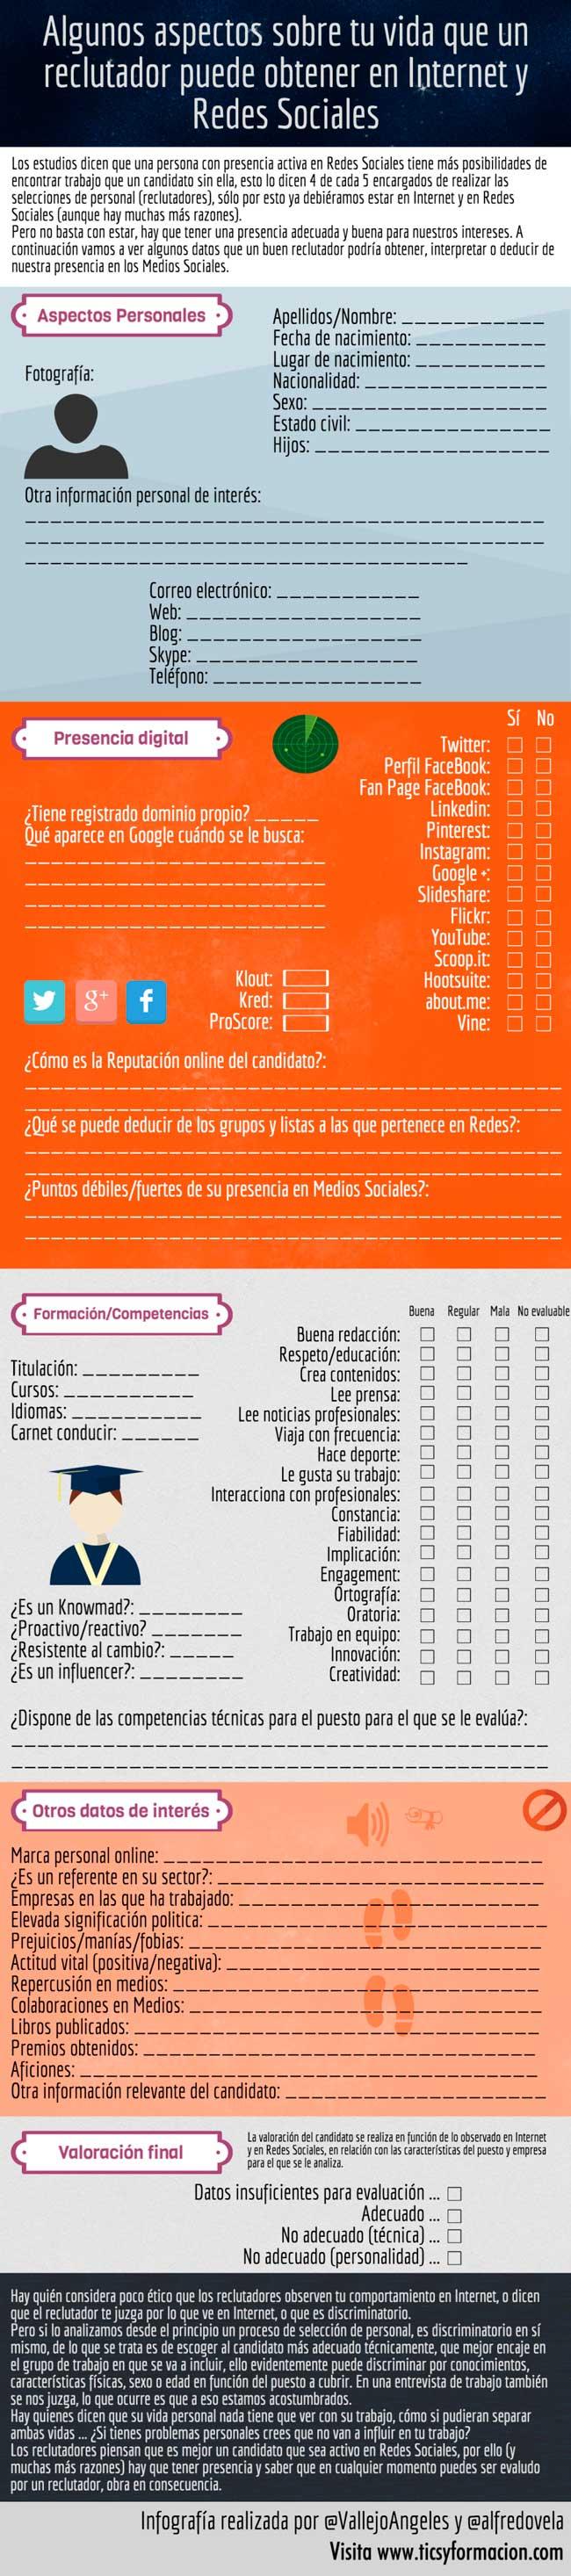 Información que pueden obtener los reclutardores sociales en Internet